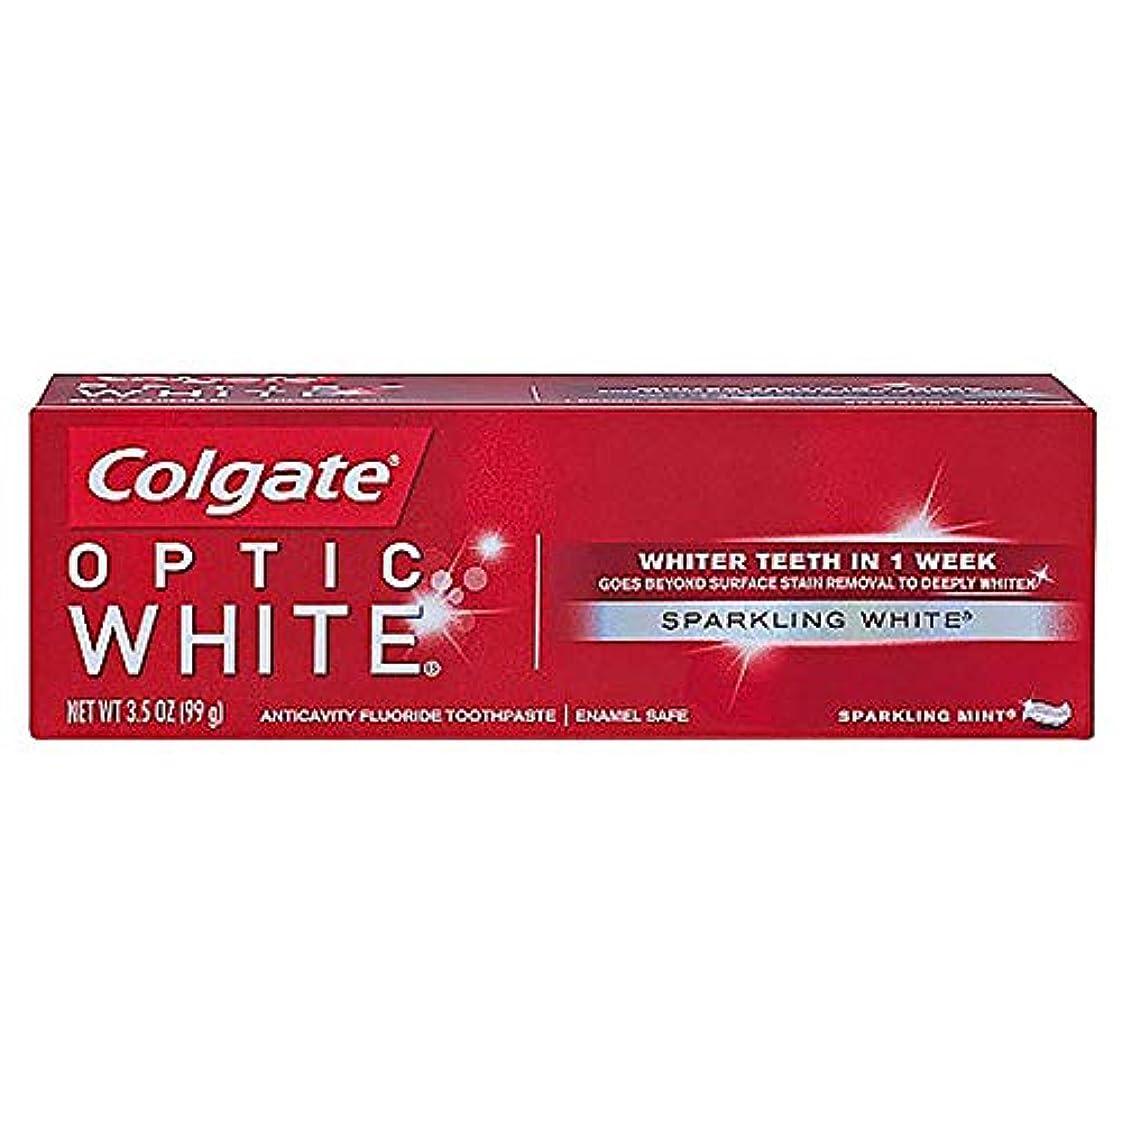 変位プット買い物に行くコルゲート ホワイトニング Colgate Optic White Sparkling White 99g 白い歯 歯磨き粉 ミント